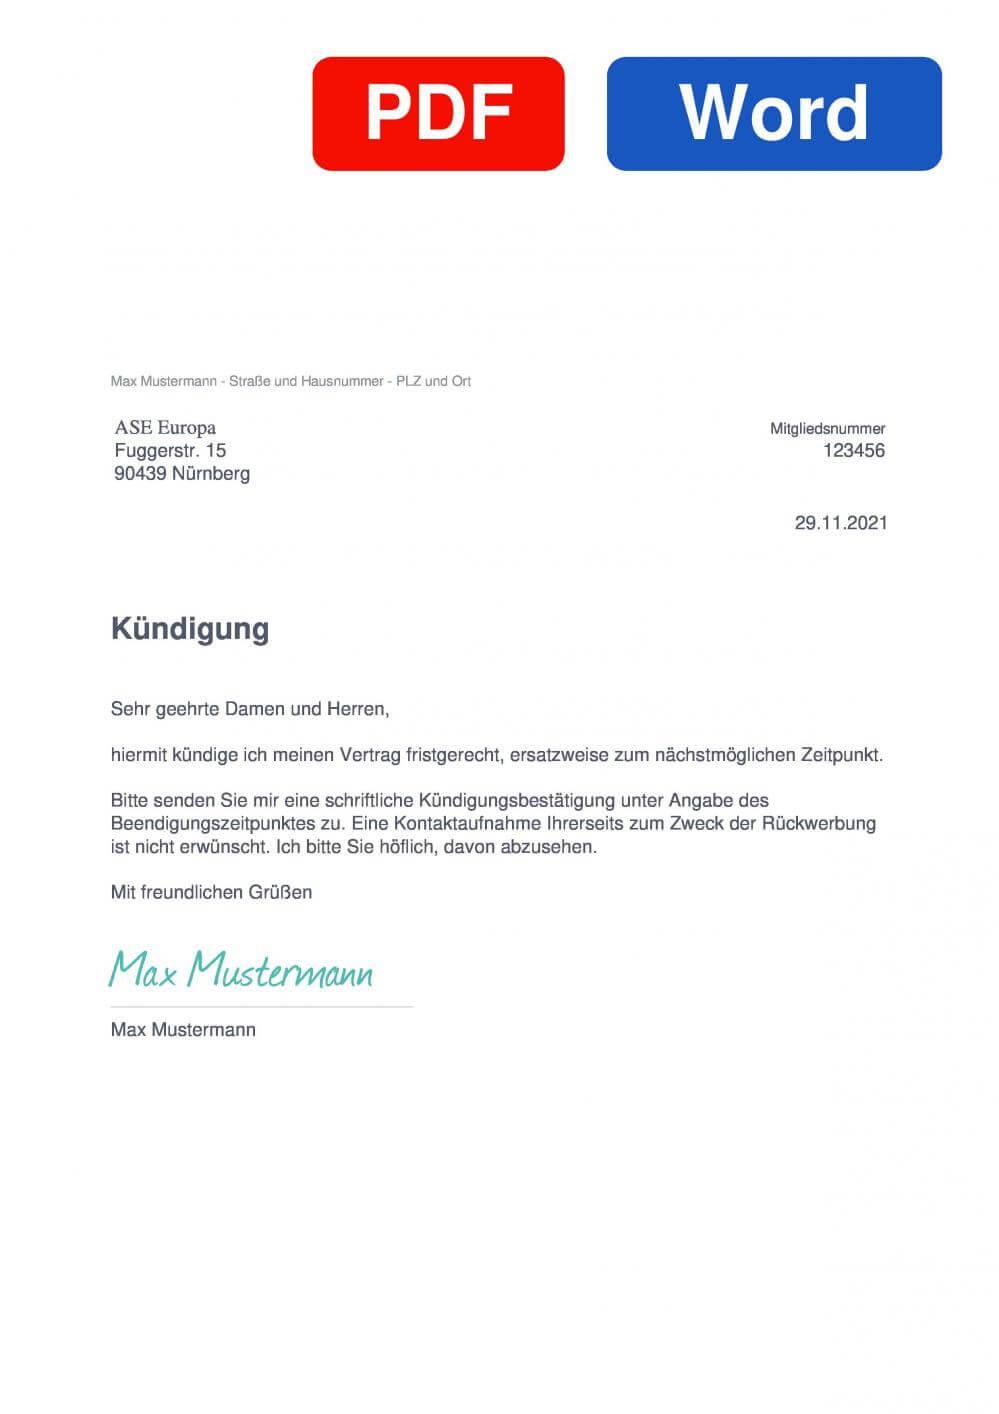 ASE Automobil Service Europa Muster Vorlage für Kündigungsschreiben